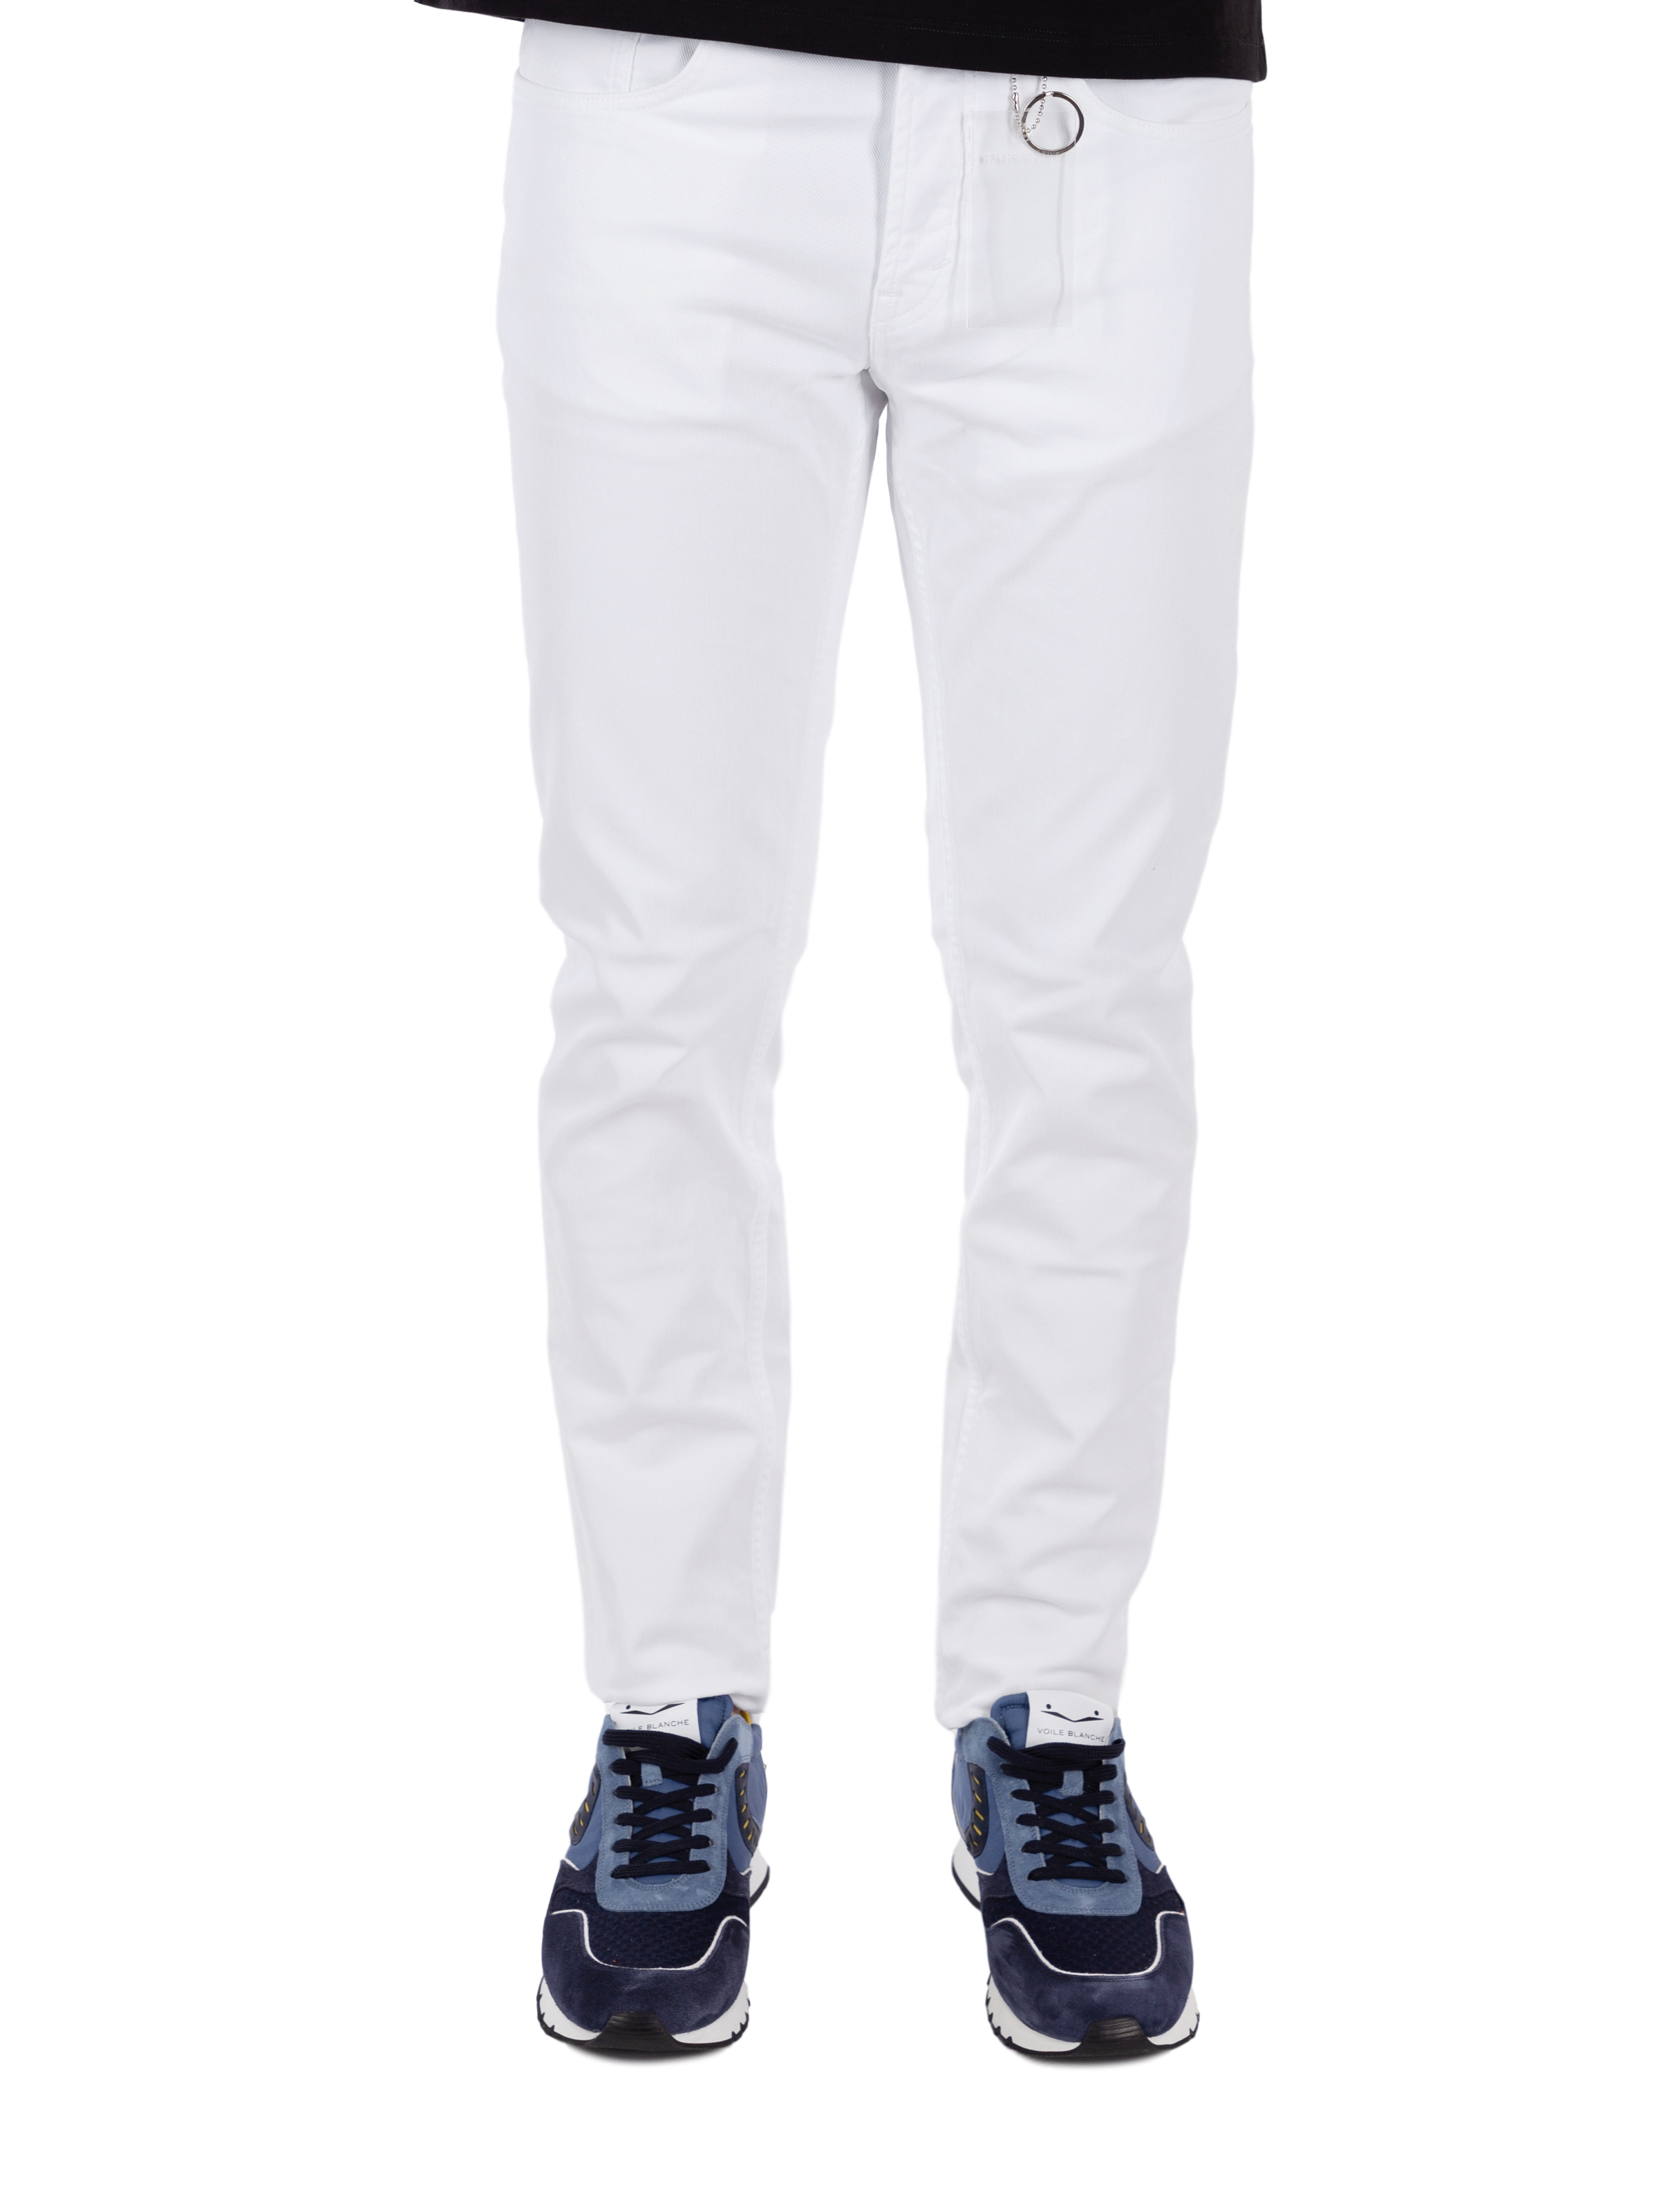 Department Five Pantalone Keith U20D02 T2020